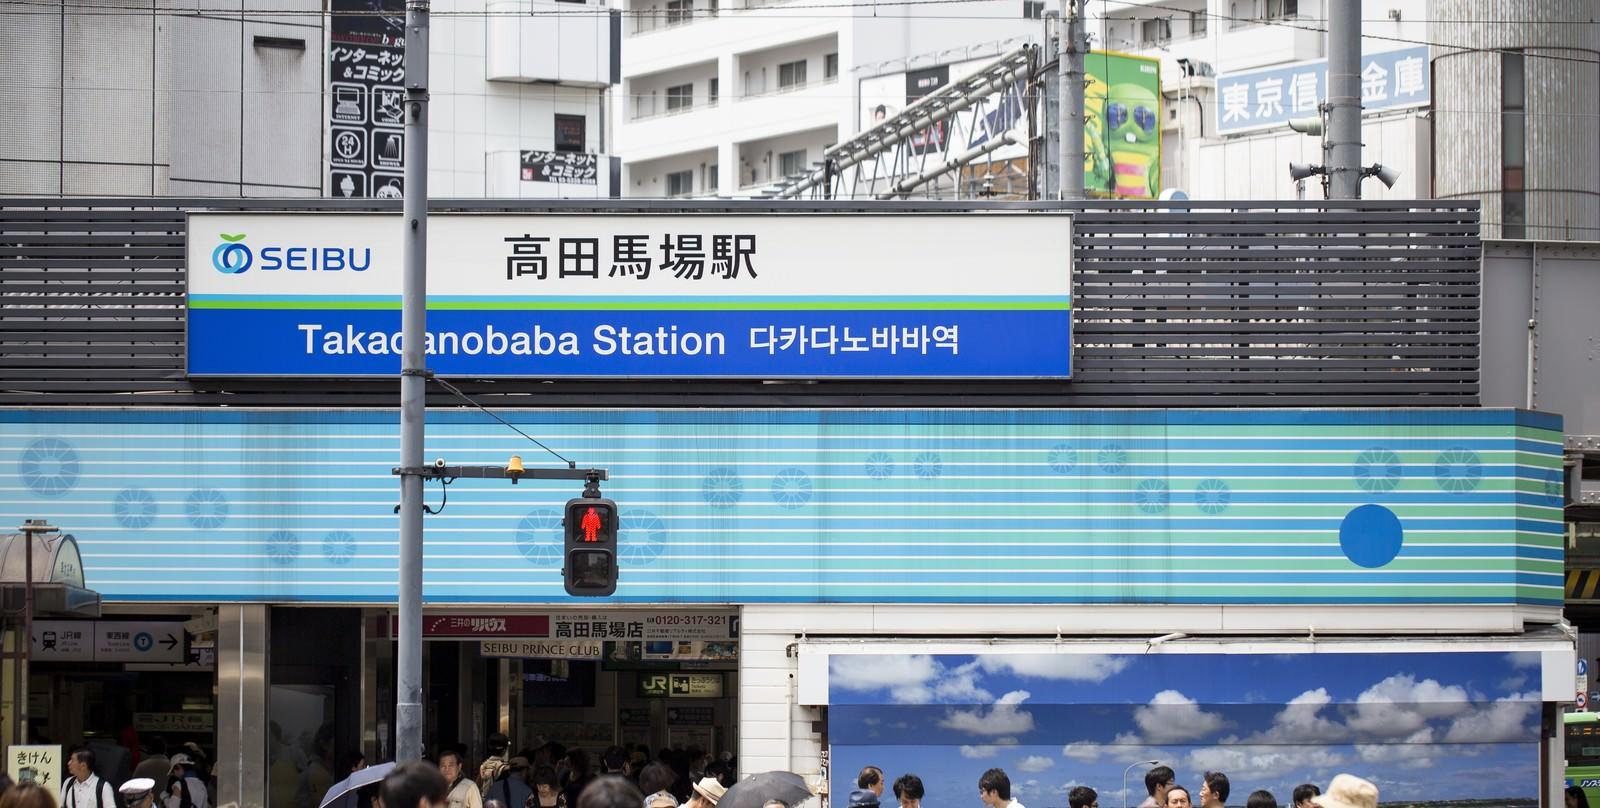 「高田馬場駅(看板)高田馬場駅(看板)」のフリー写真素材を拡大